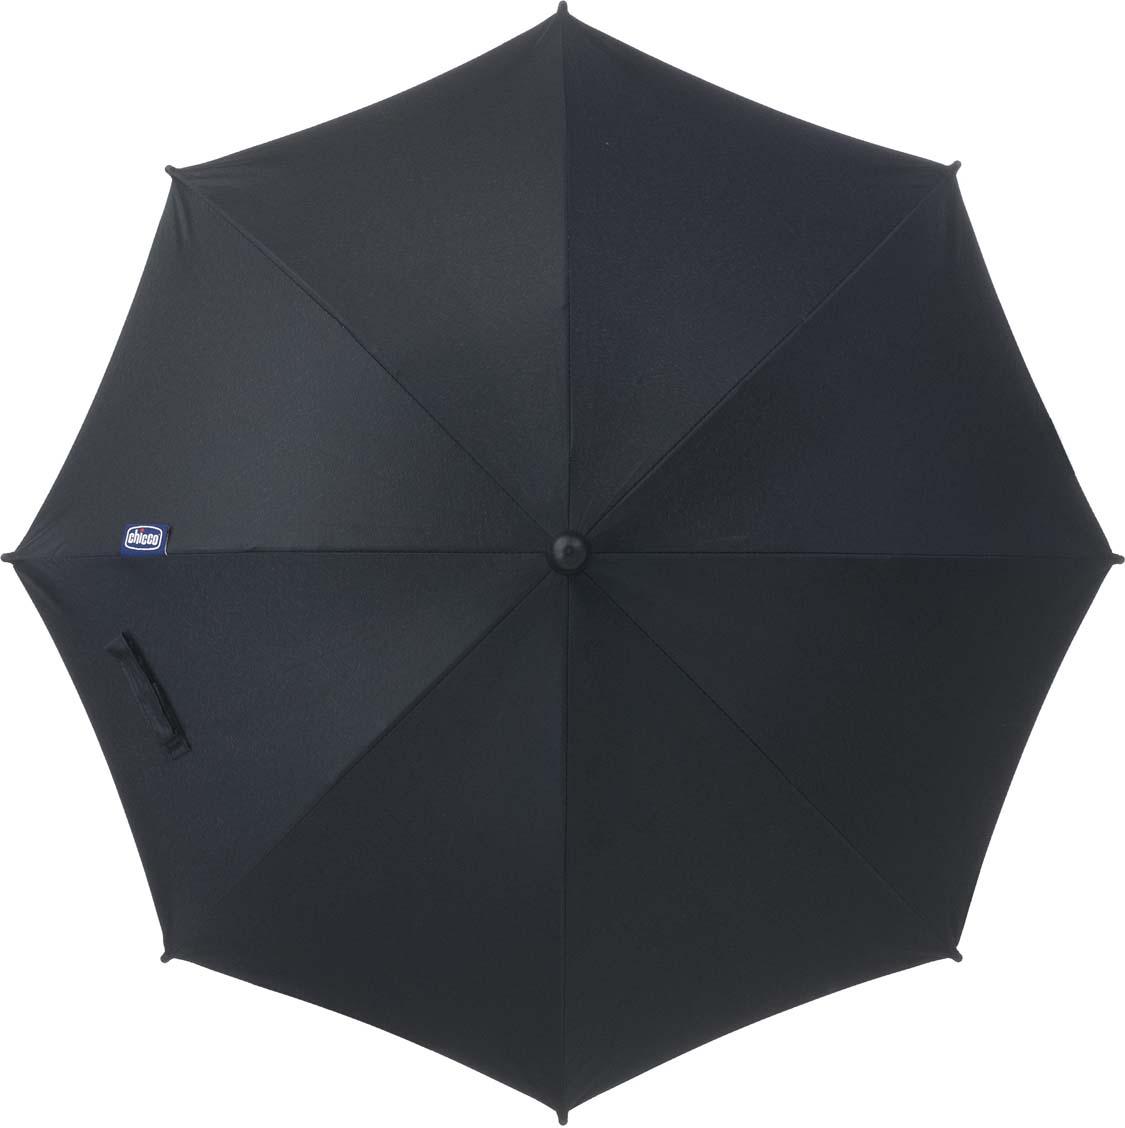 Chicco Зонтик от солнца универсальный для колясокцвет черный paradise зонтик от солнца и дождя (upf50 ) автоматический складной в три раза